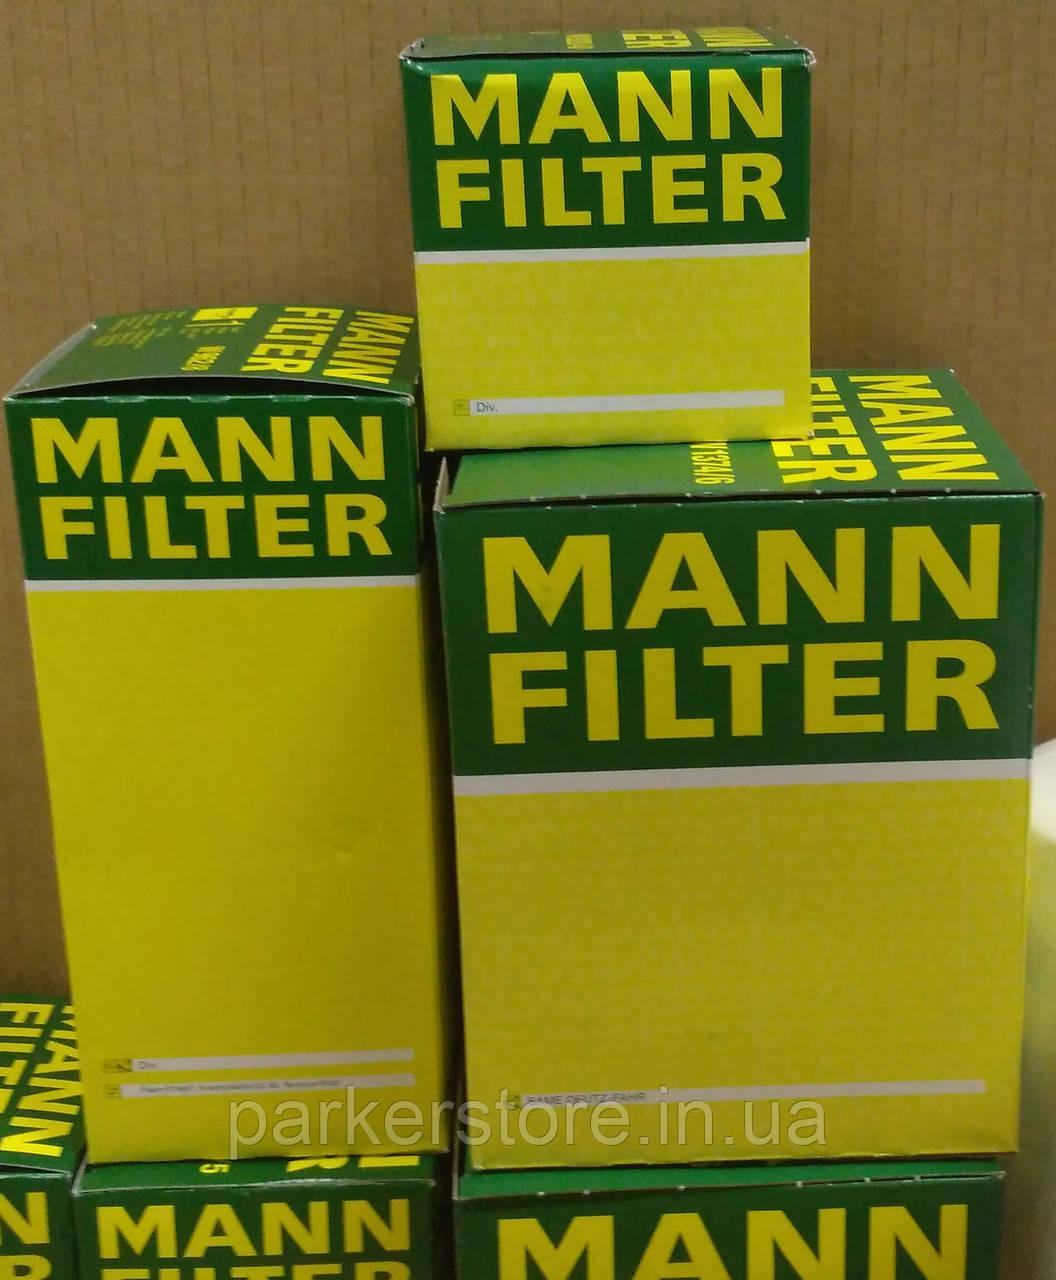 MANN FILTER / Повітряний фільтр / C 25 003 / C25003